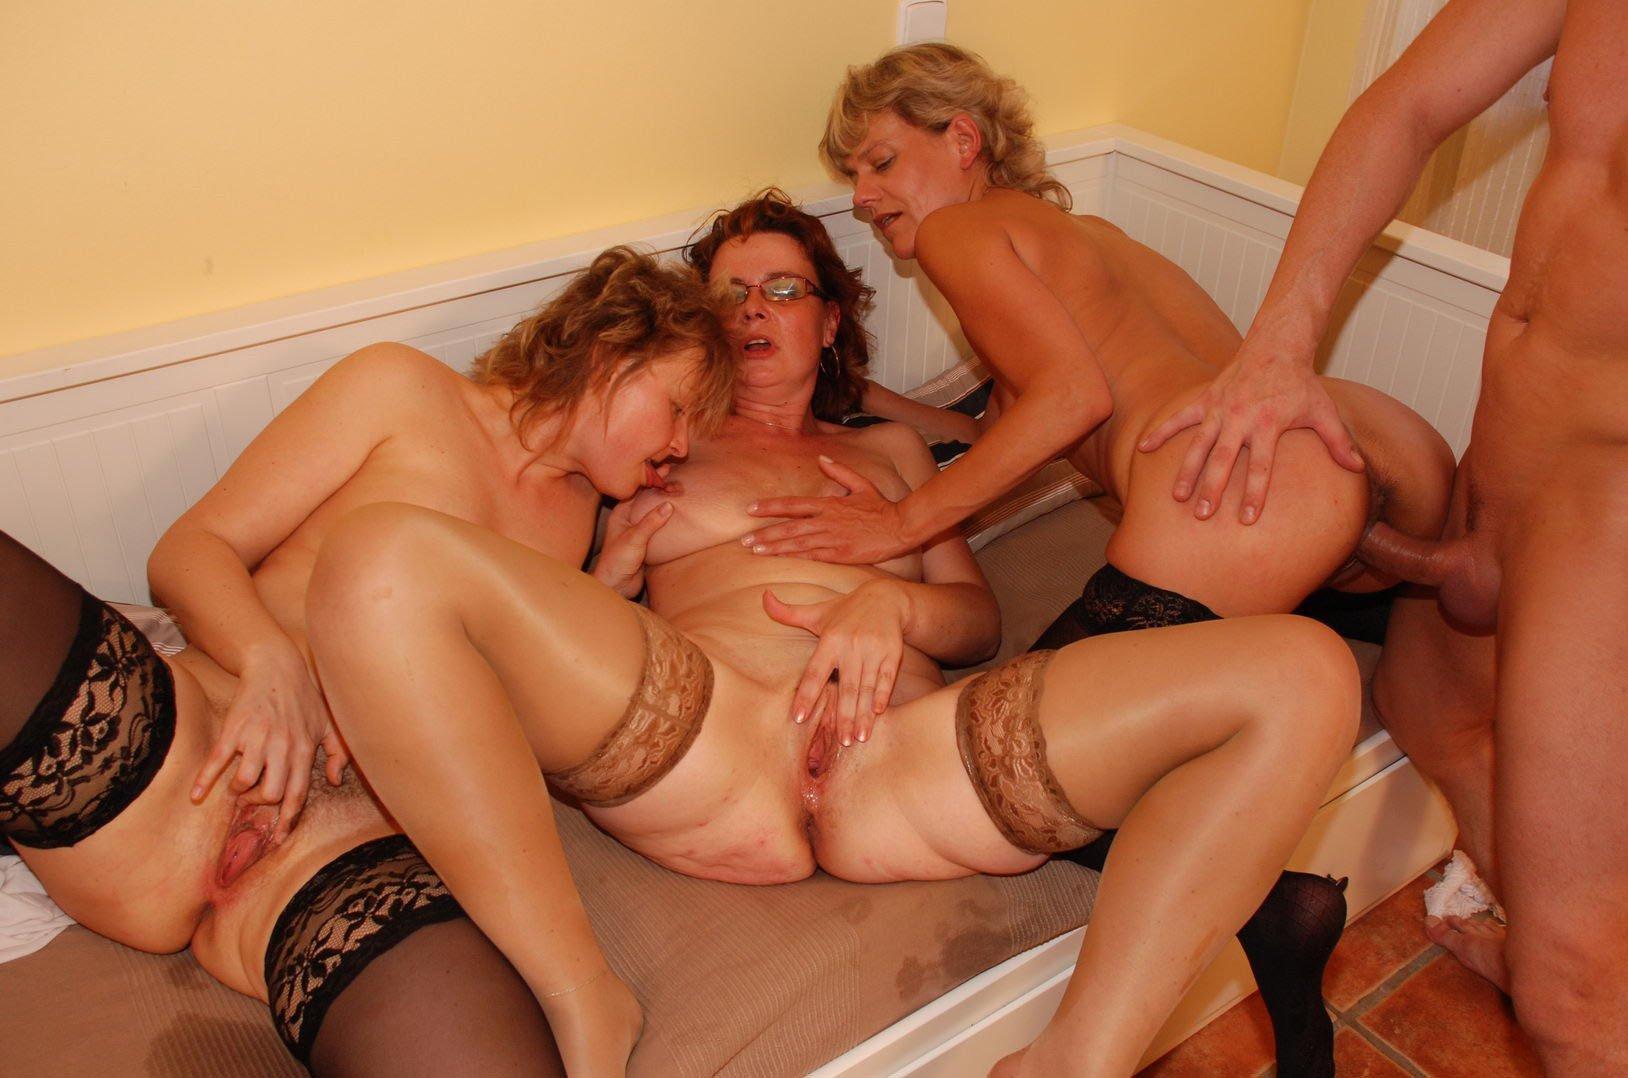 Mature orgy porn pics